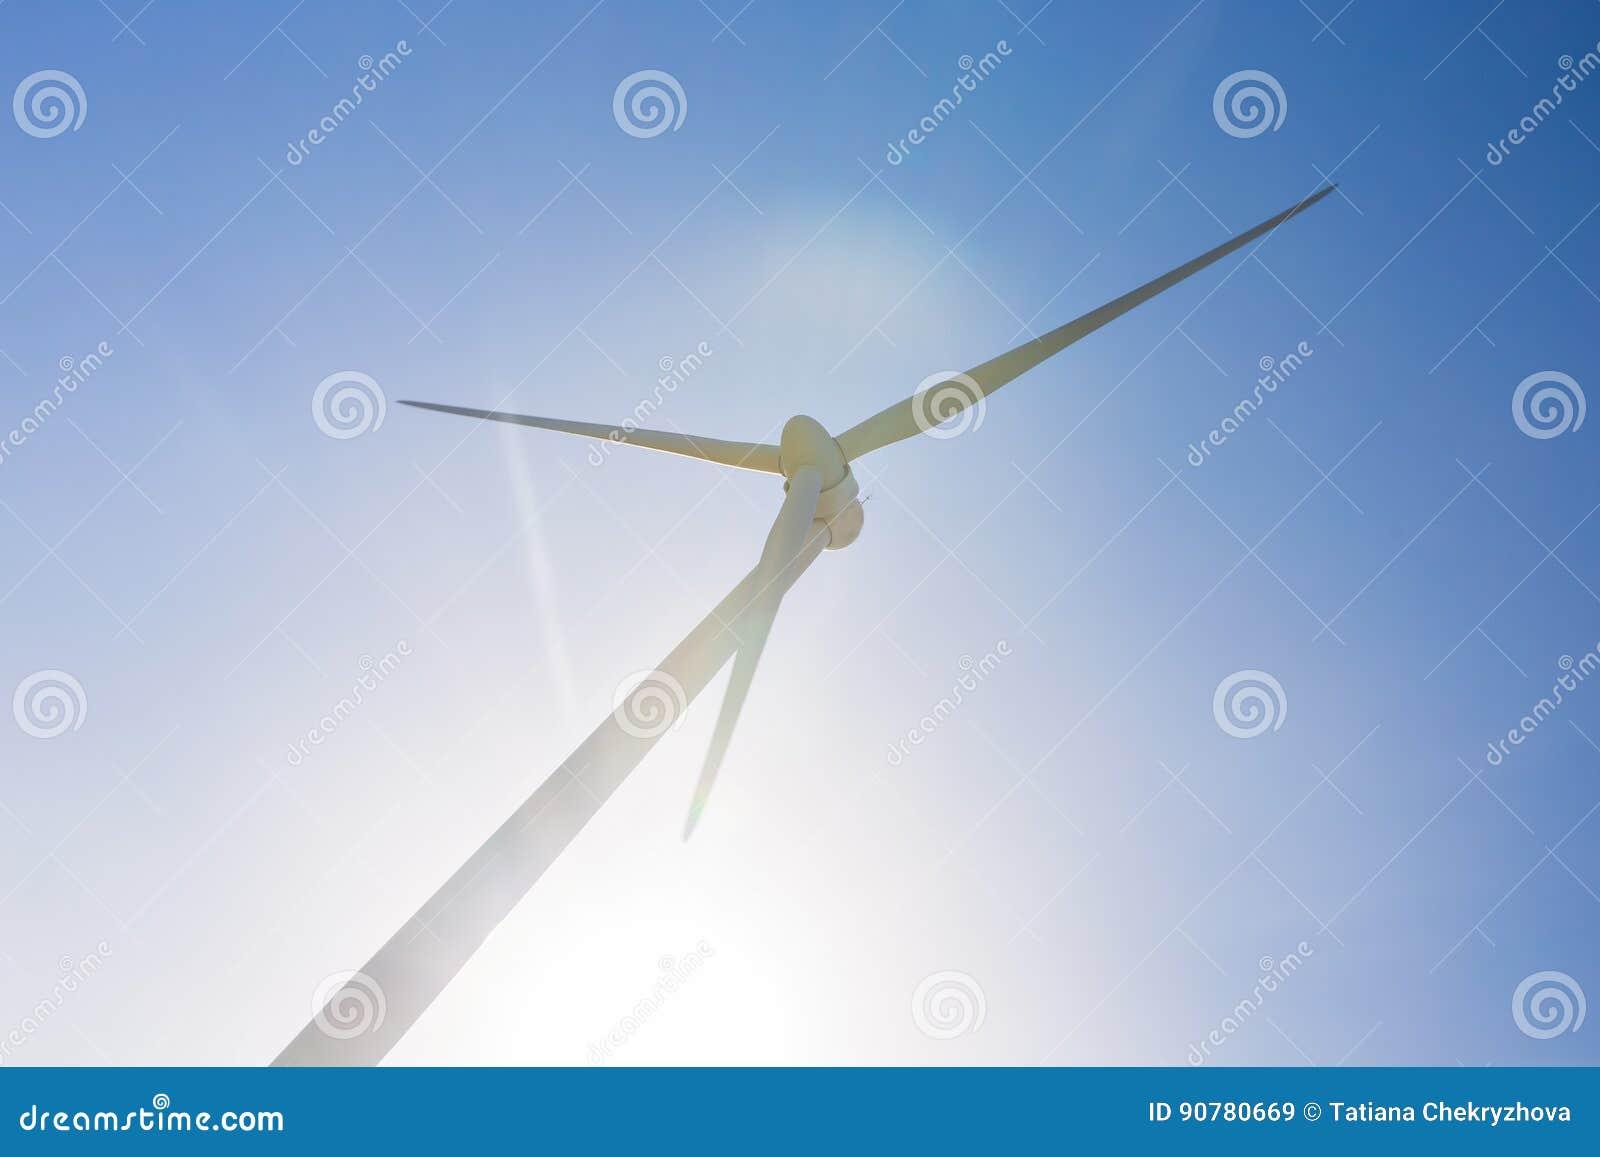 Turbines de vent produisant de l électricité avec le ciel bleu - concept d économies d énergie